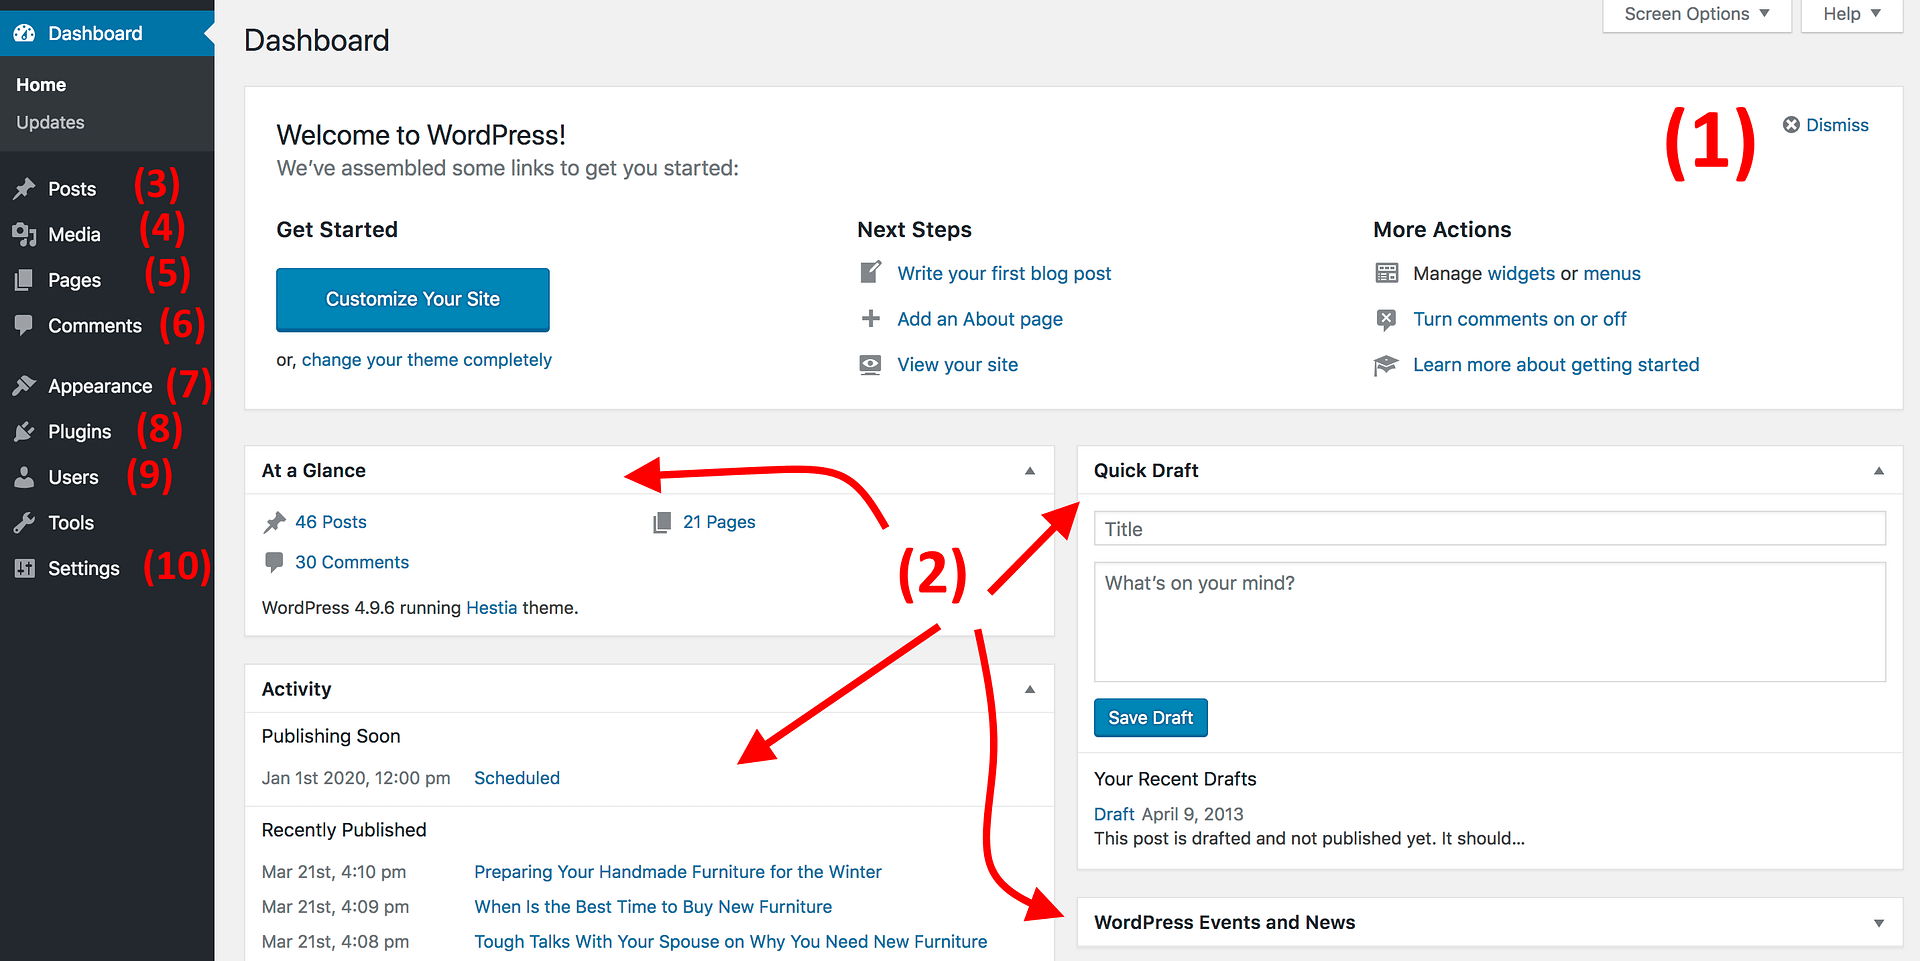 How to make a WordPress website: the WordPress dashboard